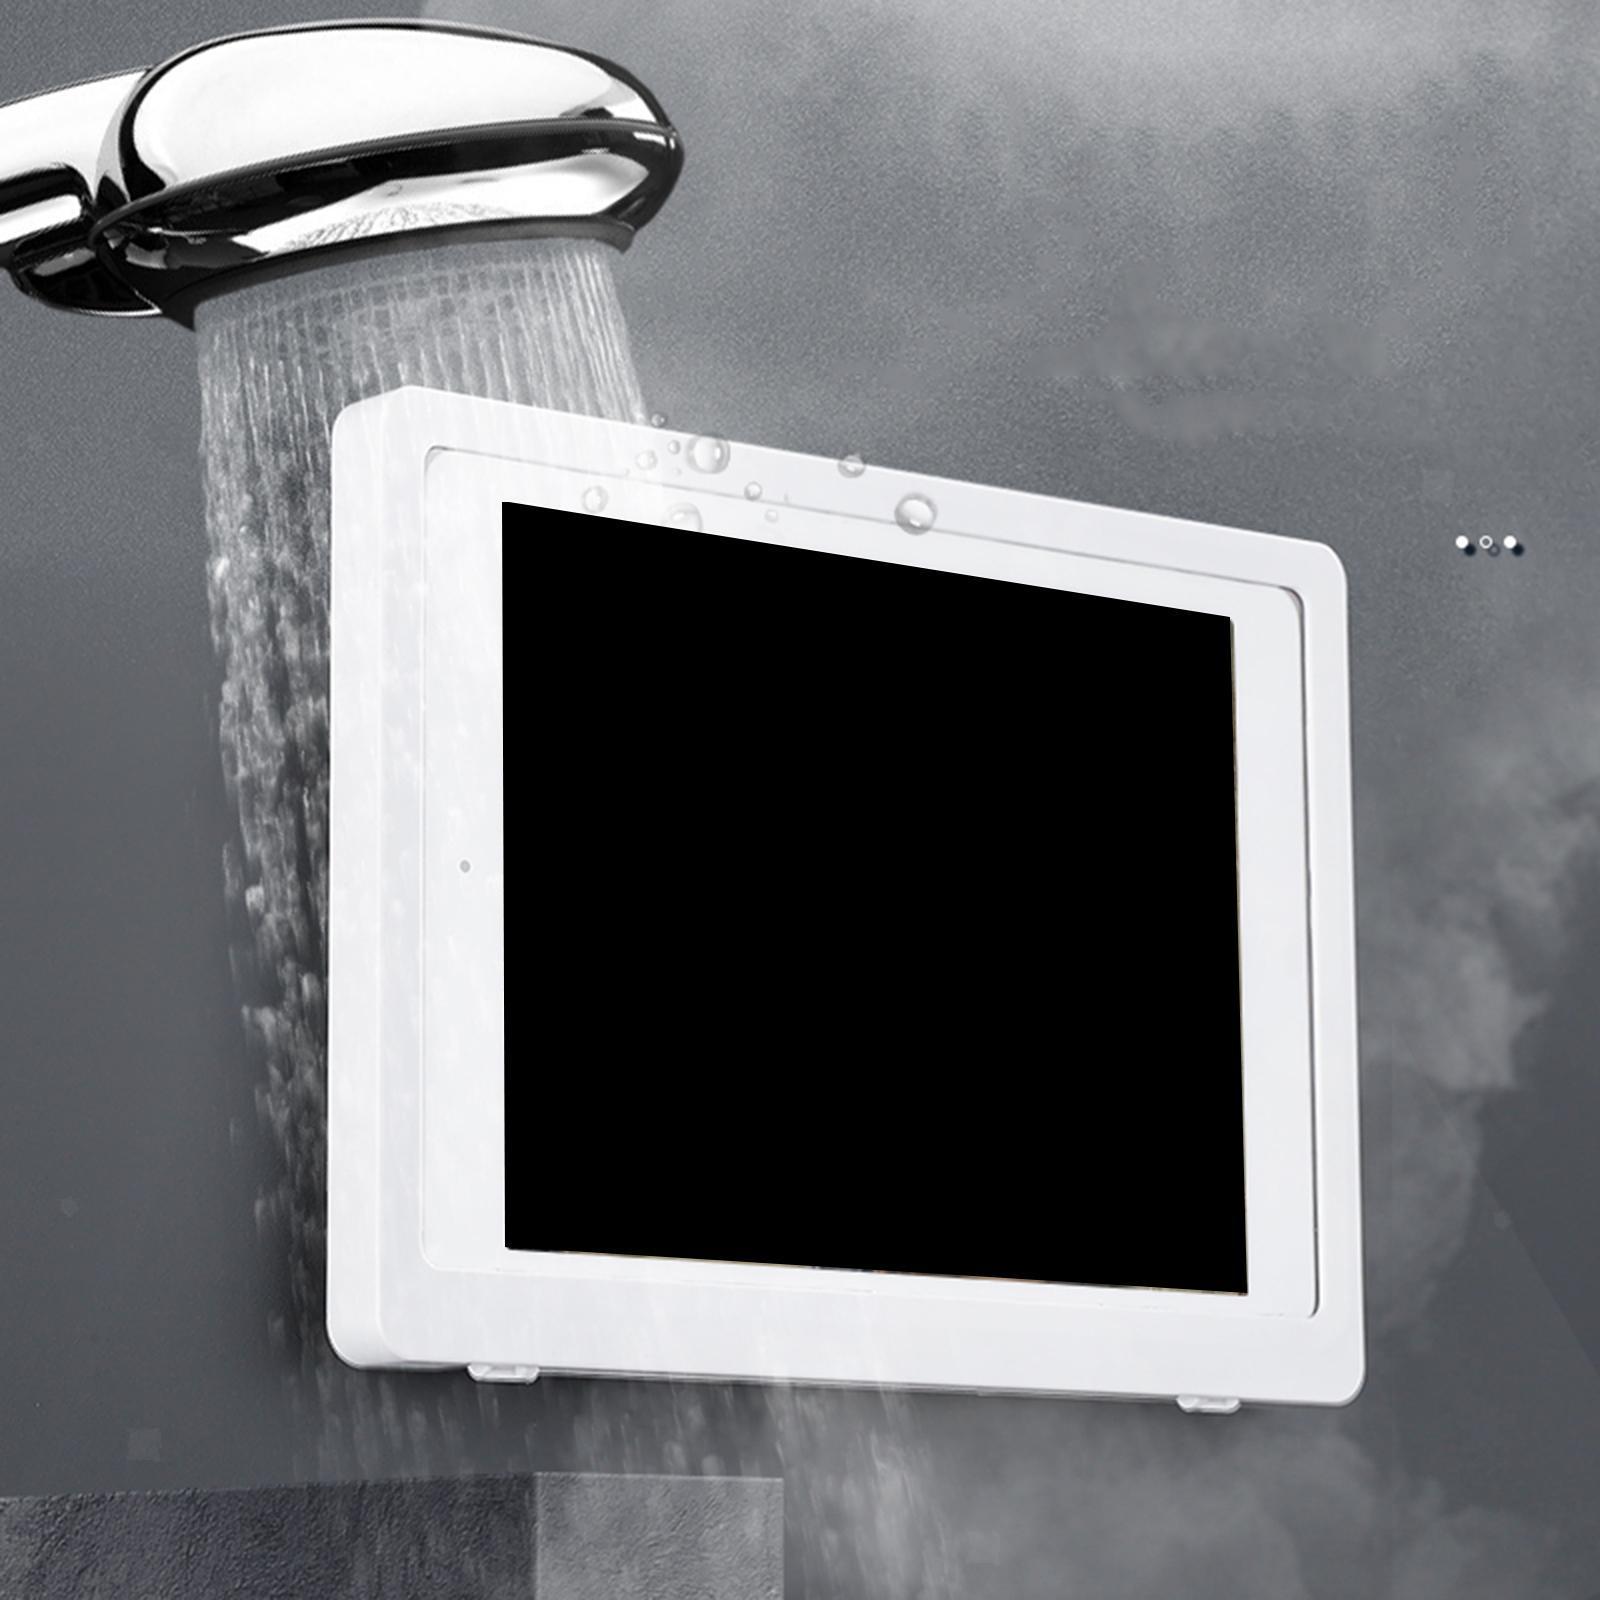 Indexbild 6 - Wand halterung Dusche Tablet Halter Badezimmer gehäuse Halterung Regal, Tablet